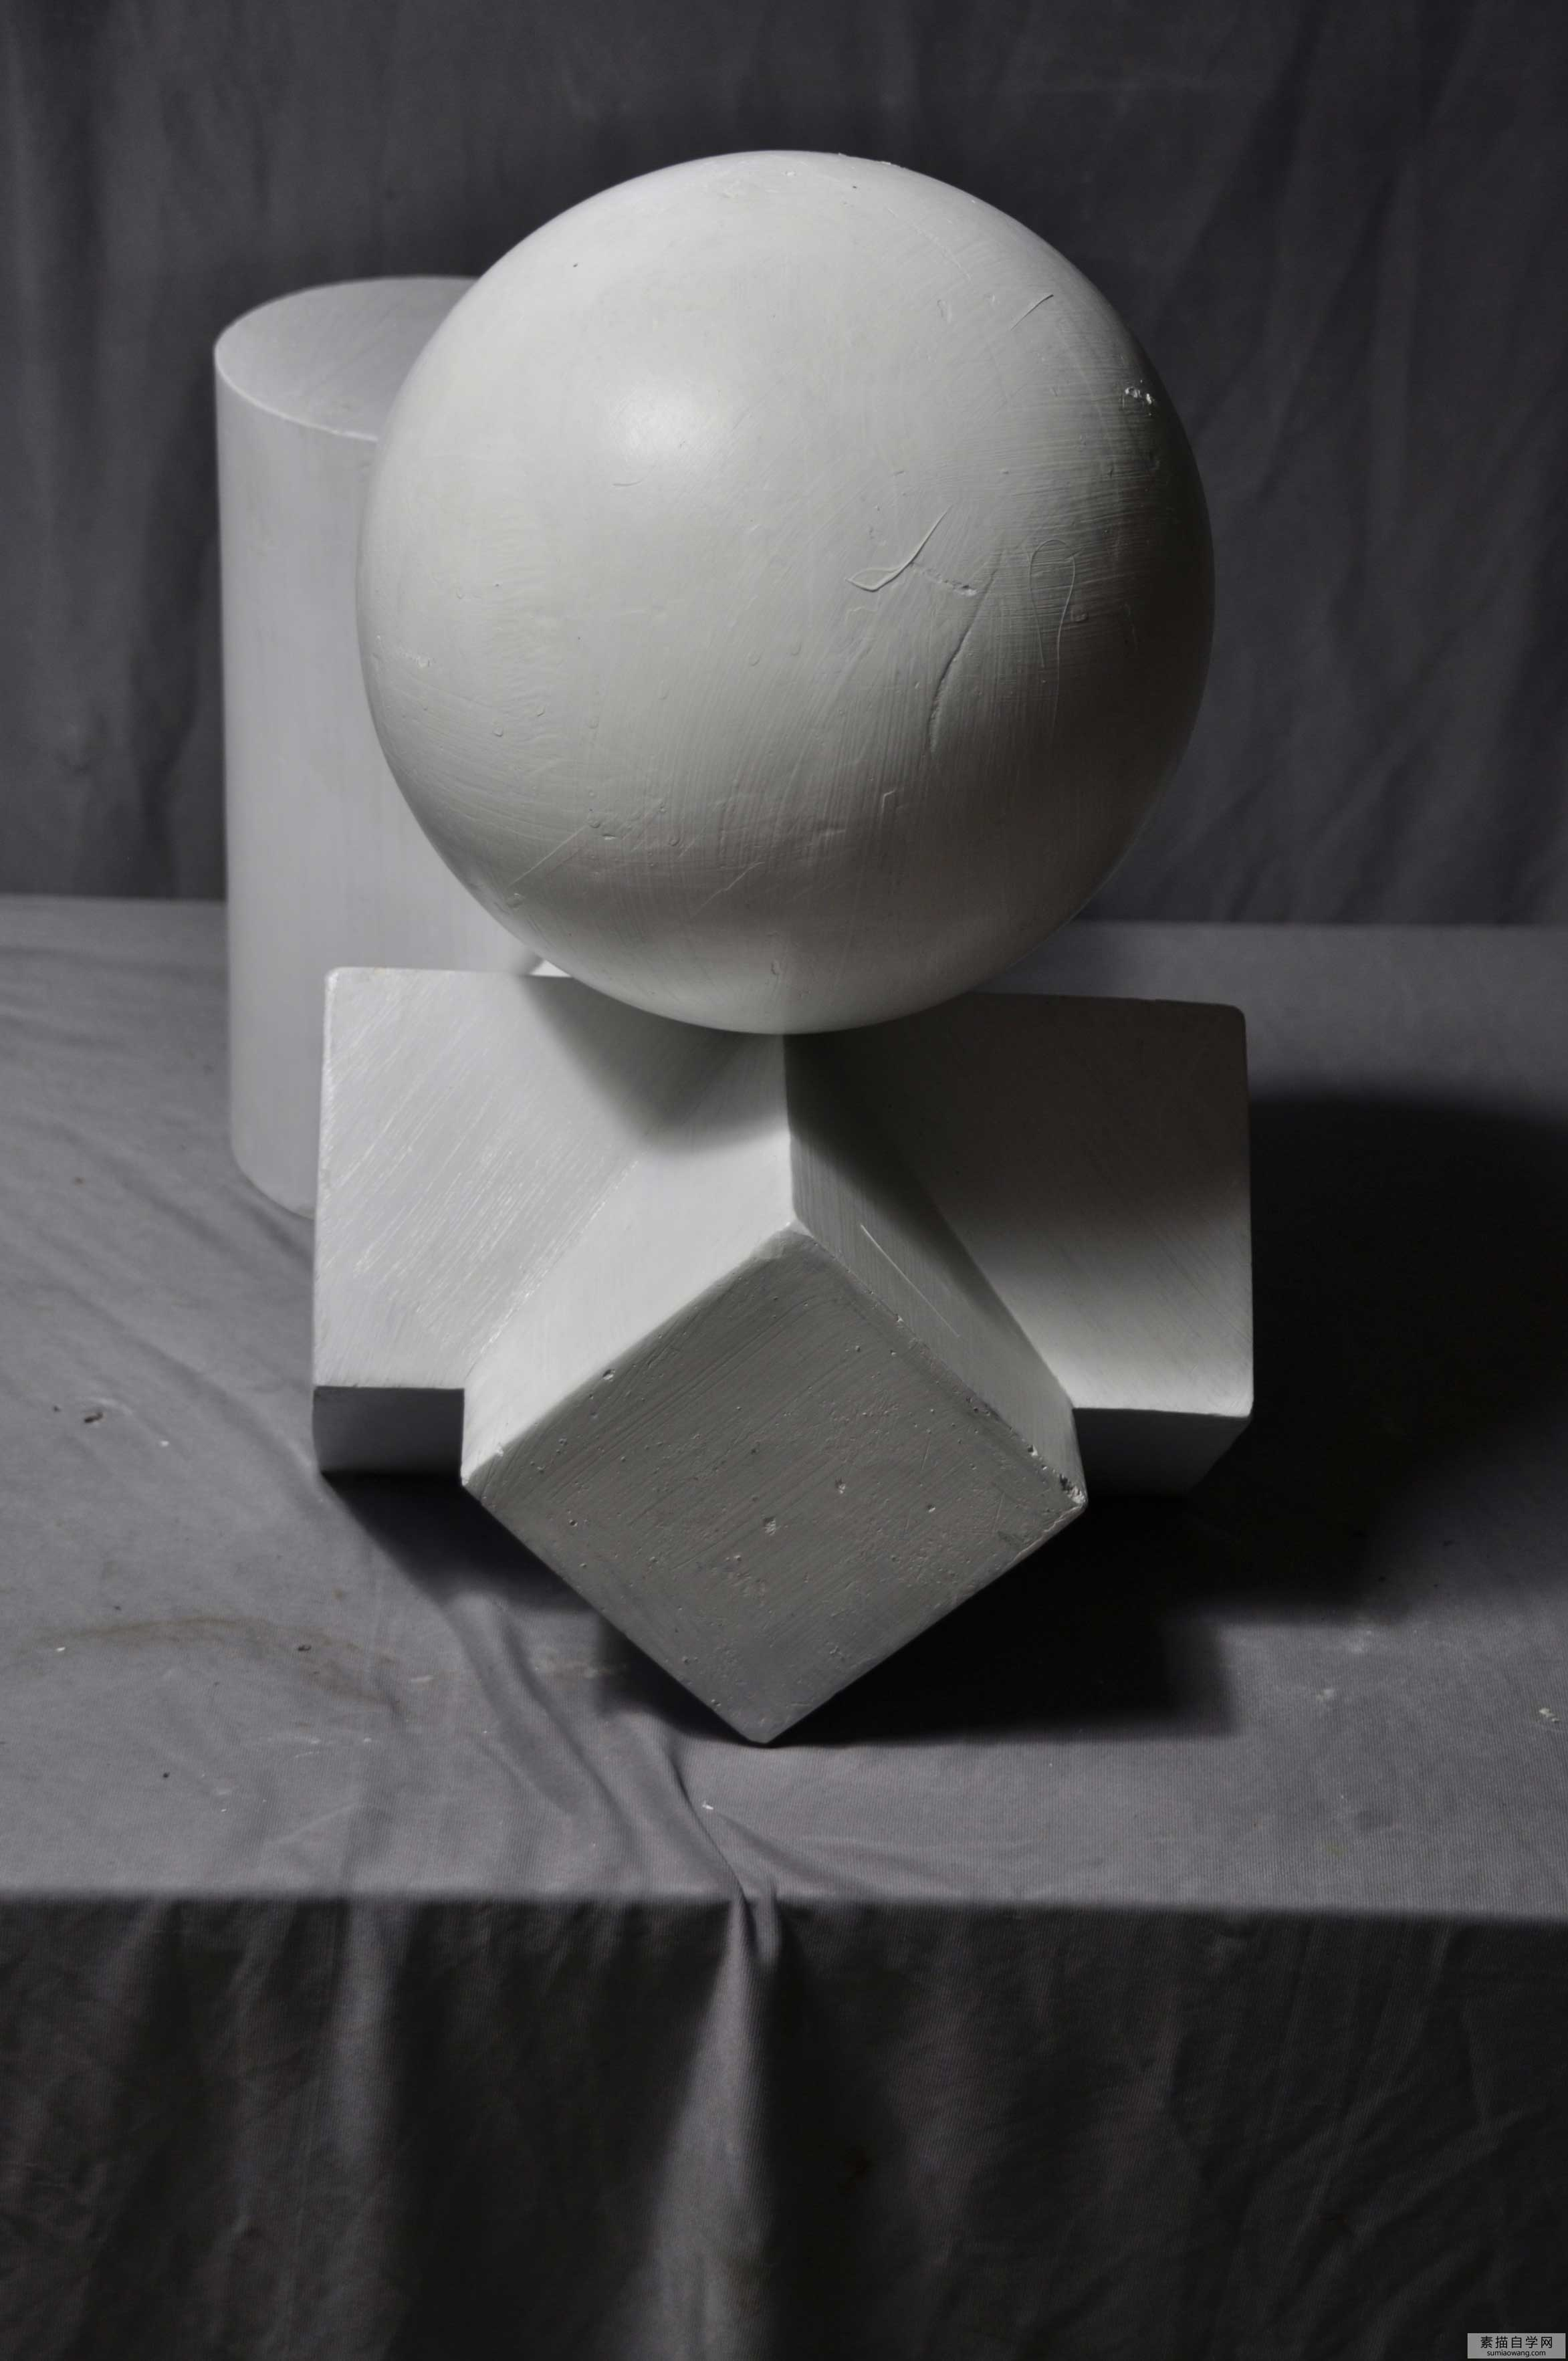 水果静物素描组合图片_圆锥贯穿体 圆柱体 八菱柱组合道具-普画网